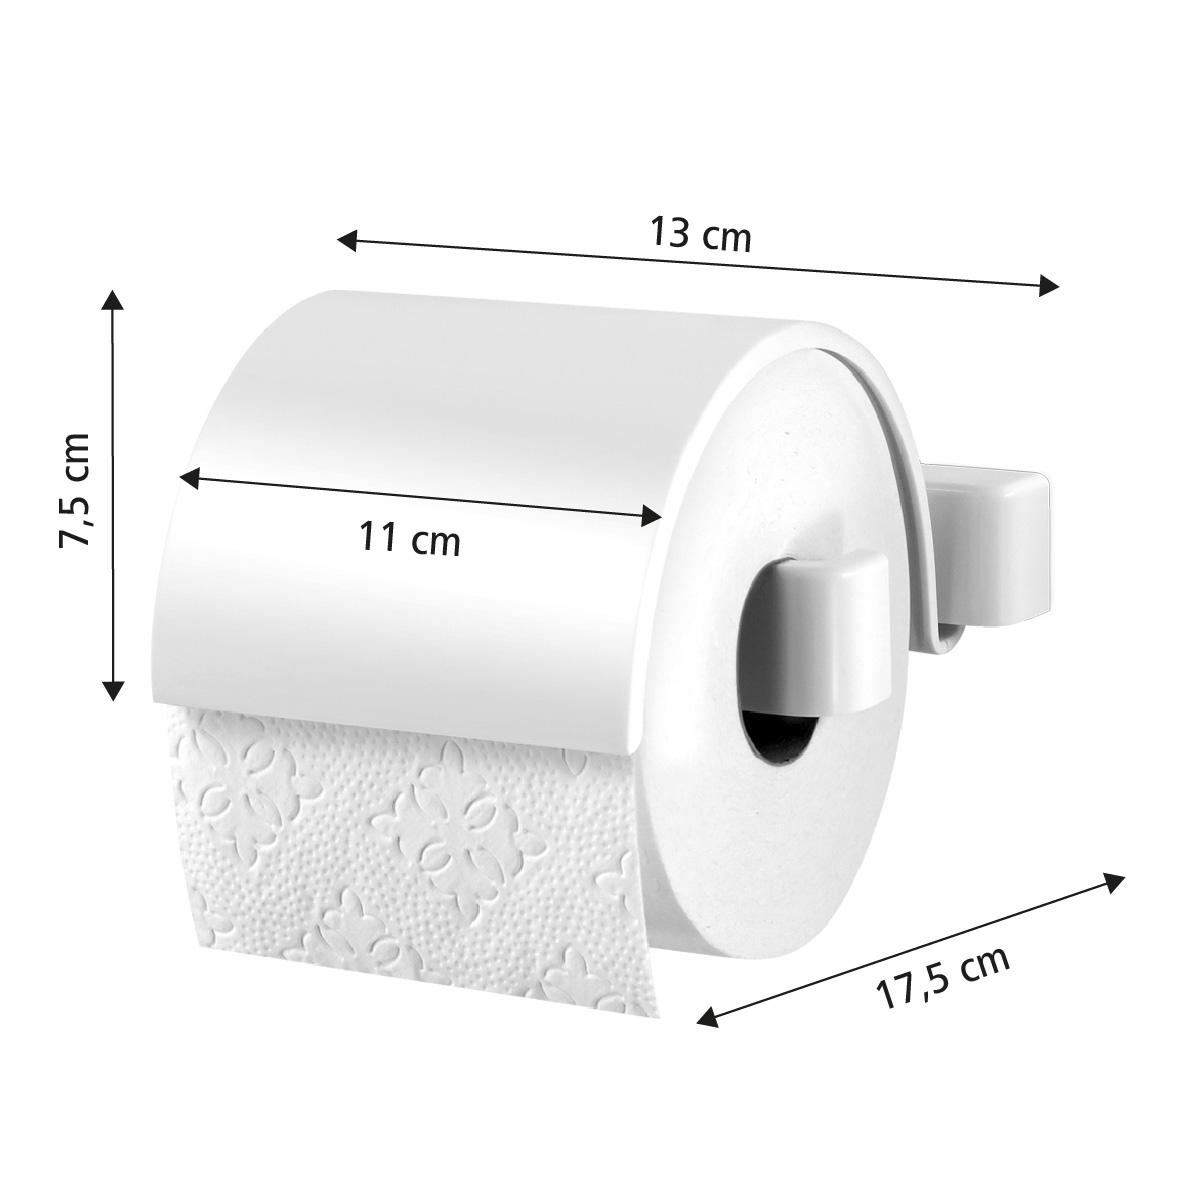 Držák na toaletní papír LAGOON